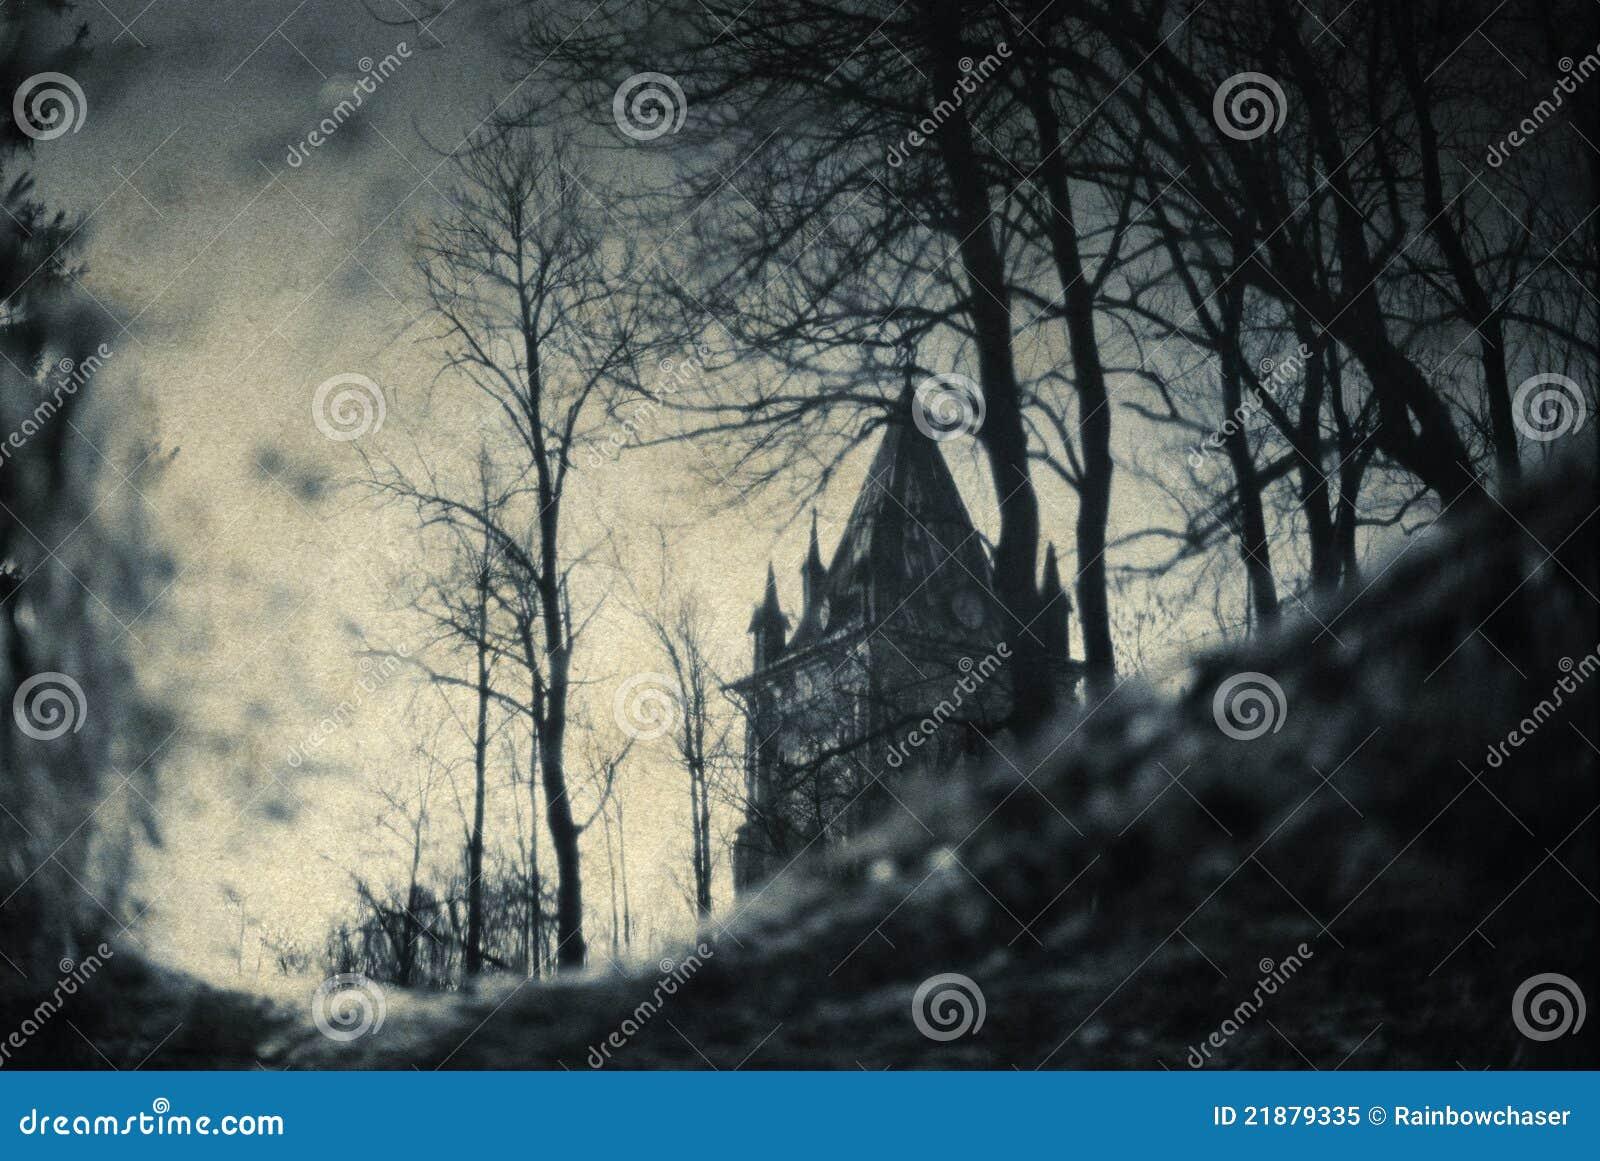 Paisaje gótico